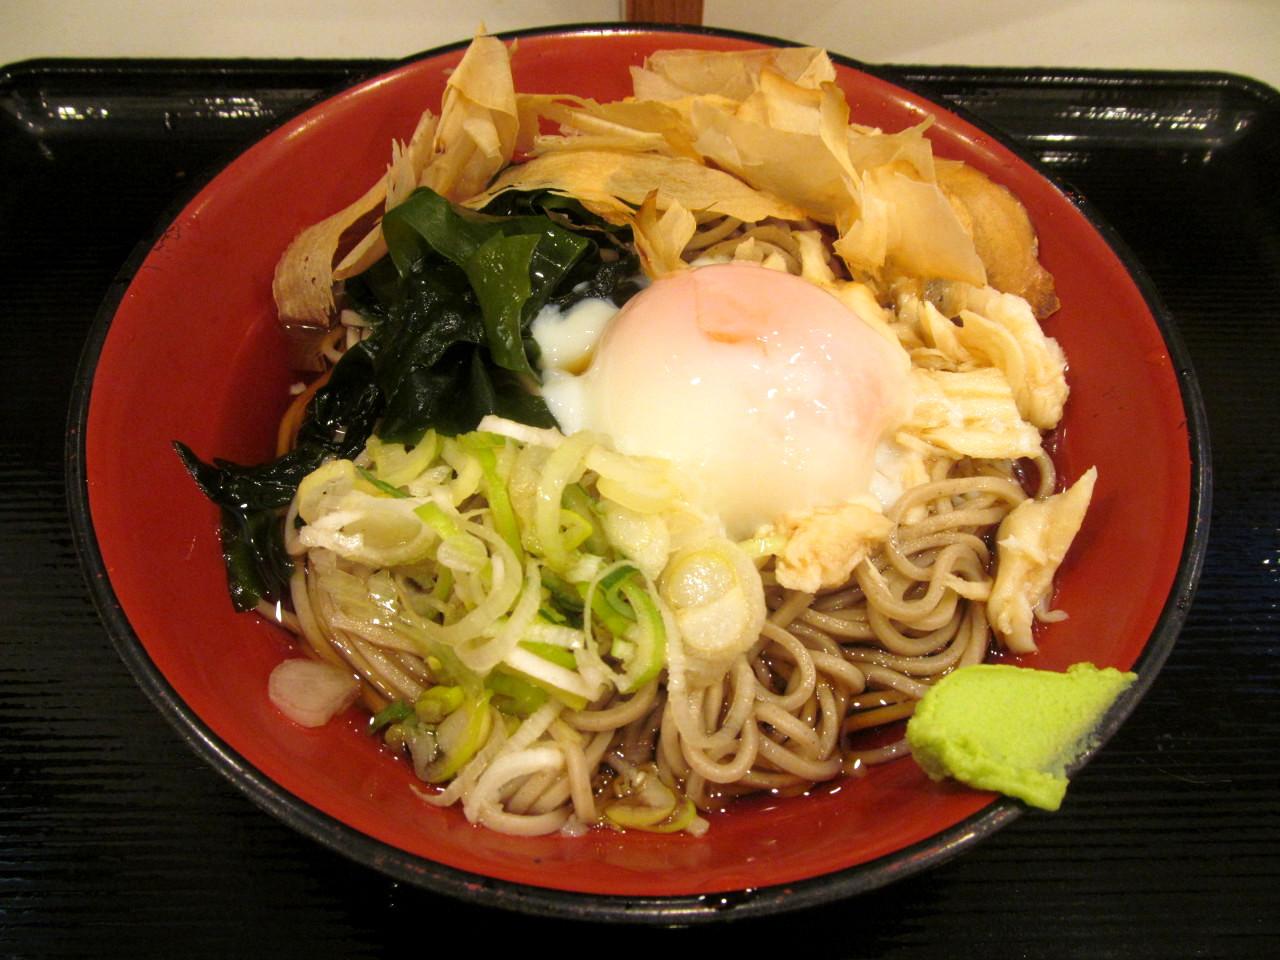 富士そばマグロ節鶏玉そば2021賞味アイキャッチ1280調整後2